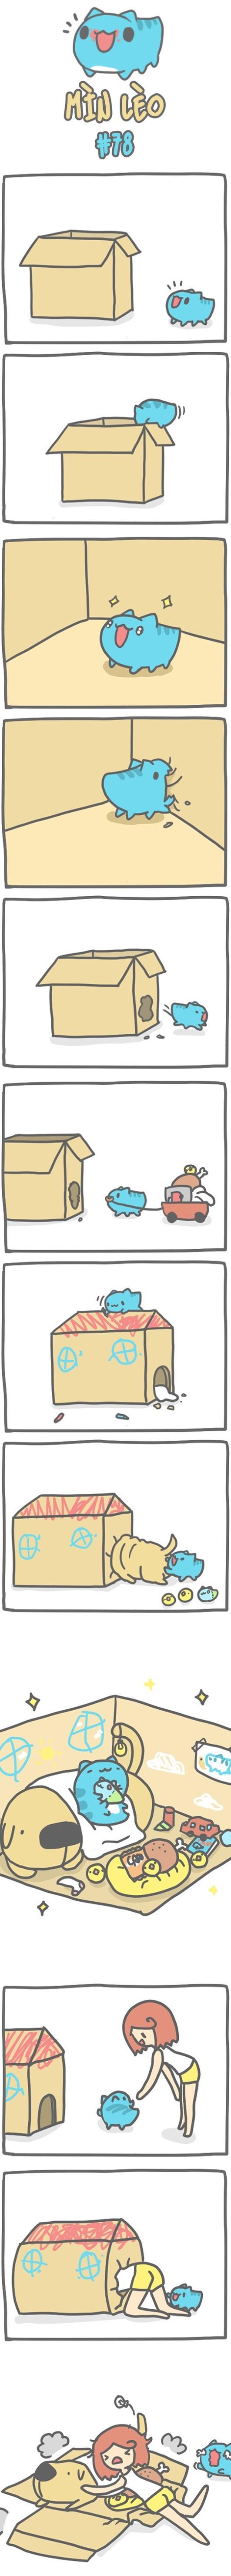 Truyện Mìn Lèo #78: Ngôi nhà của Mìn